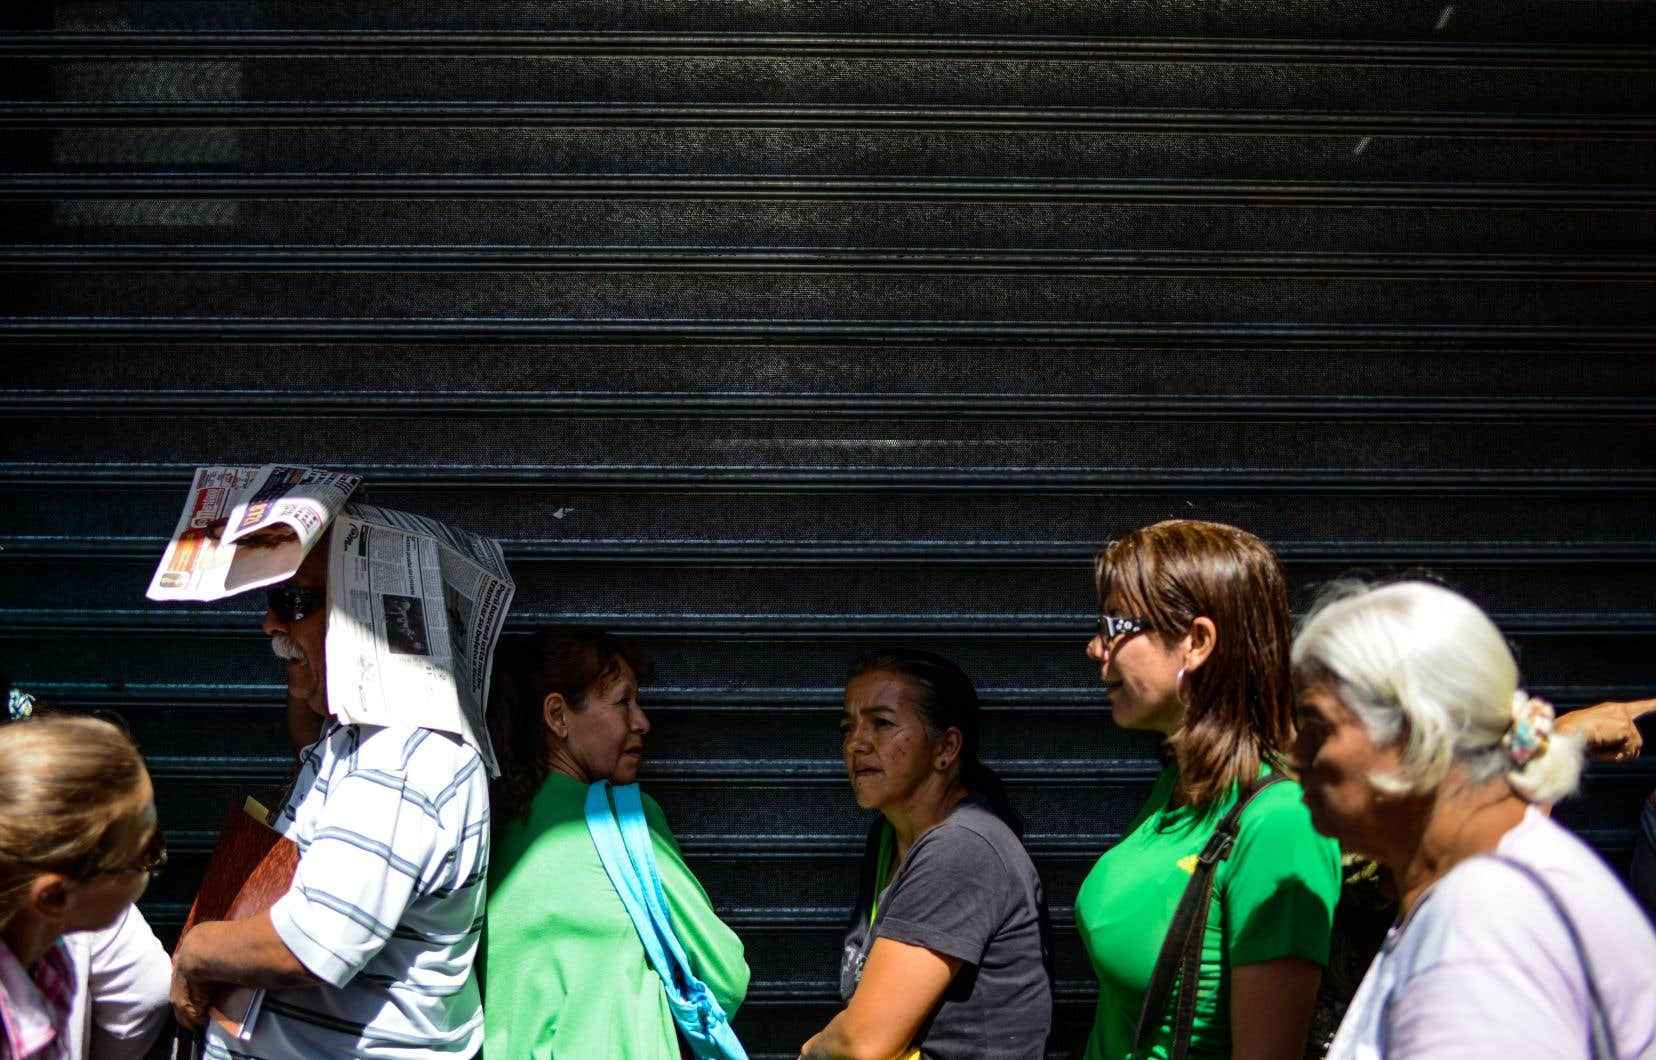 Les gens font la queue devant un supermarché à Caracas pour acheter des denrées alimentaires et des produits ménagers de base, le 10 novembre.